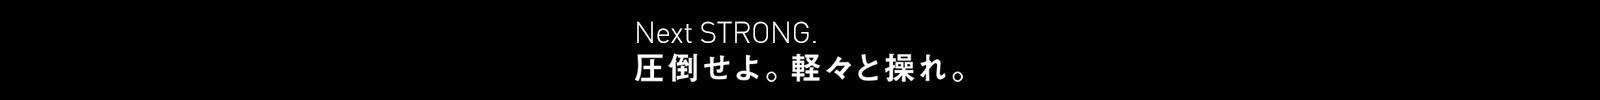 19 Certate LT Next Strong Logo